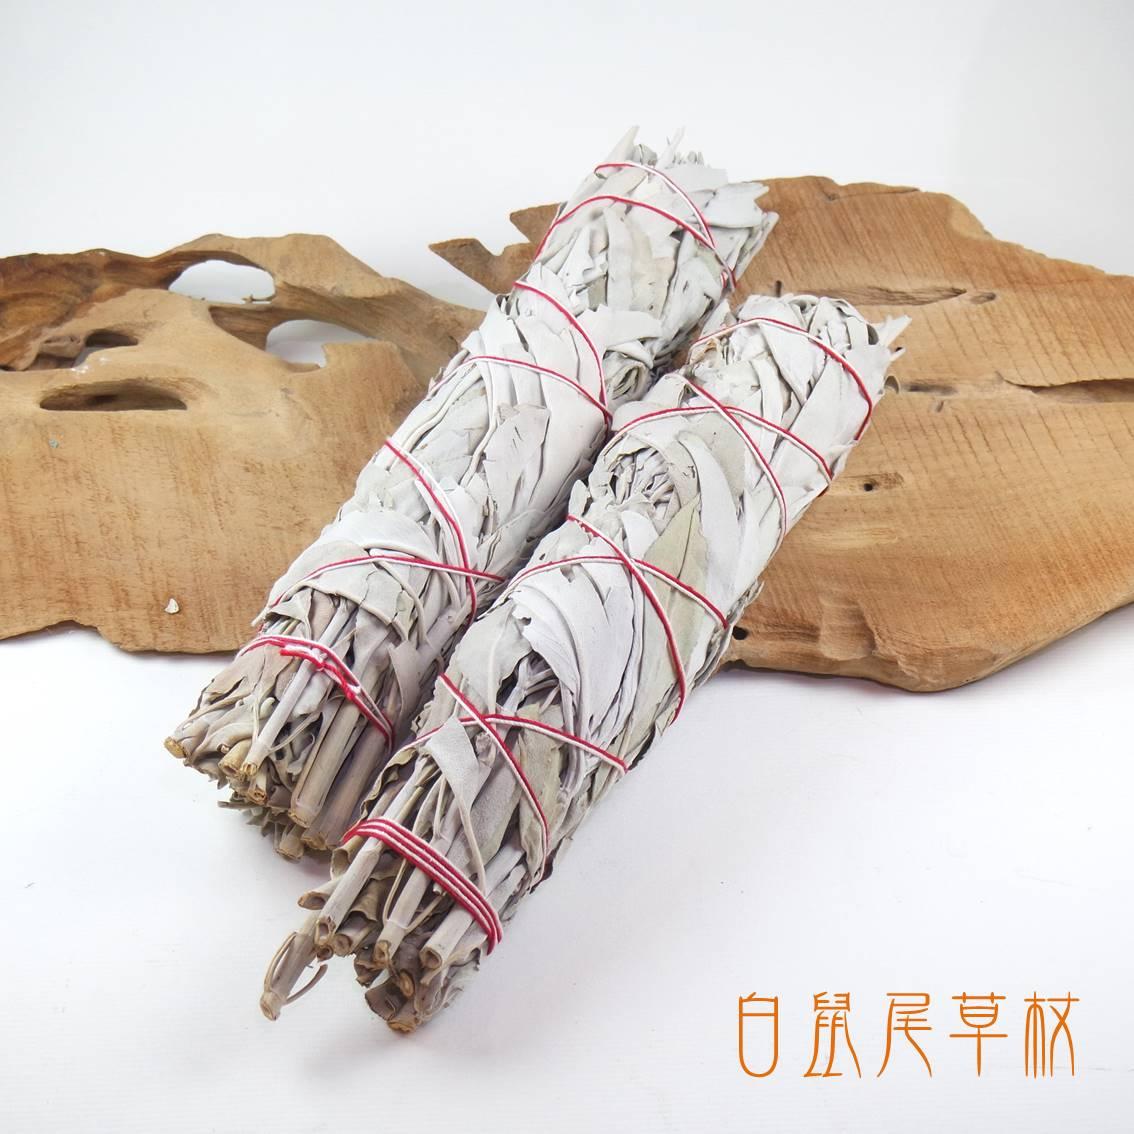 加州白鼠尾草杖 ( White Sage)(長約8~9英吋) ~ 奉獻真誠 喜悅祥和 淨化身心 祝福療癒